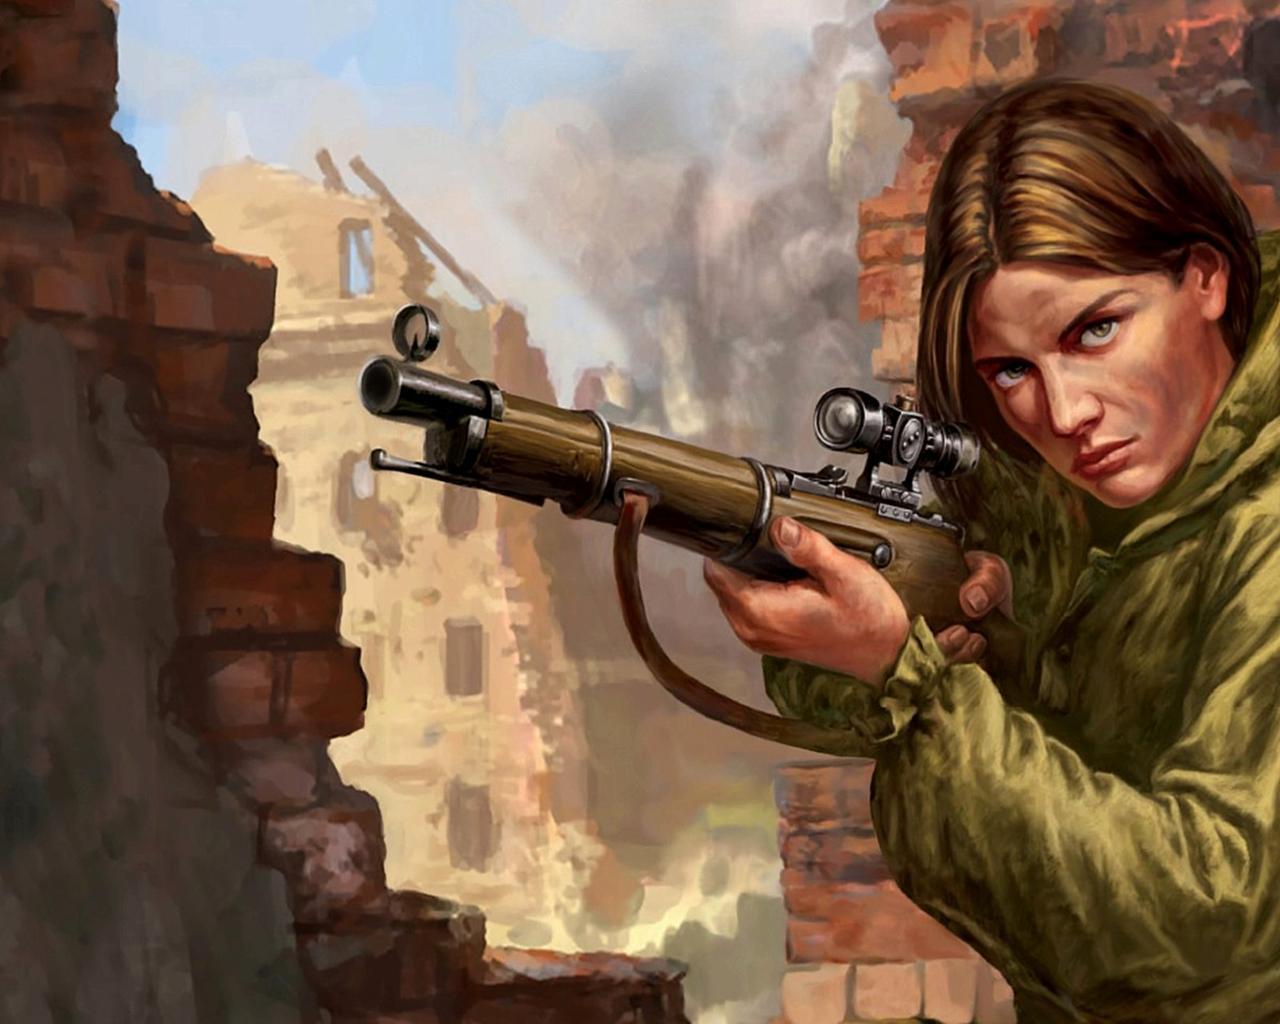 girl sniper photo, девушка снайпер, скачать фото, обои для рабочего стола